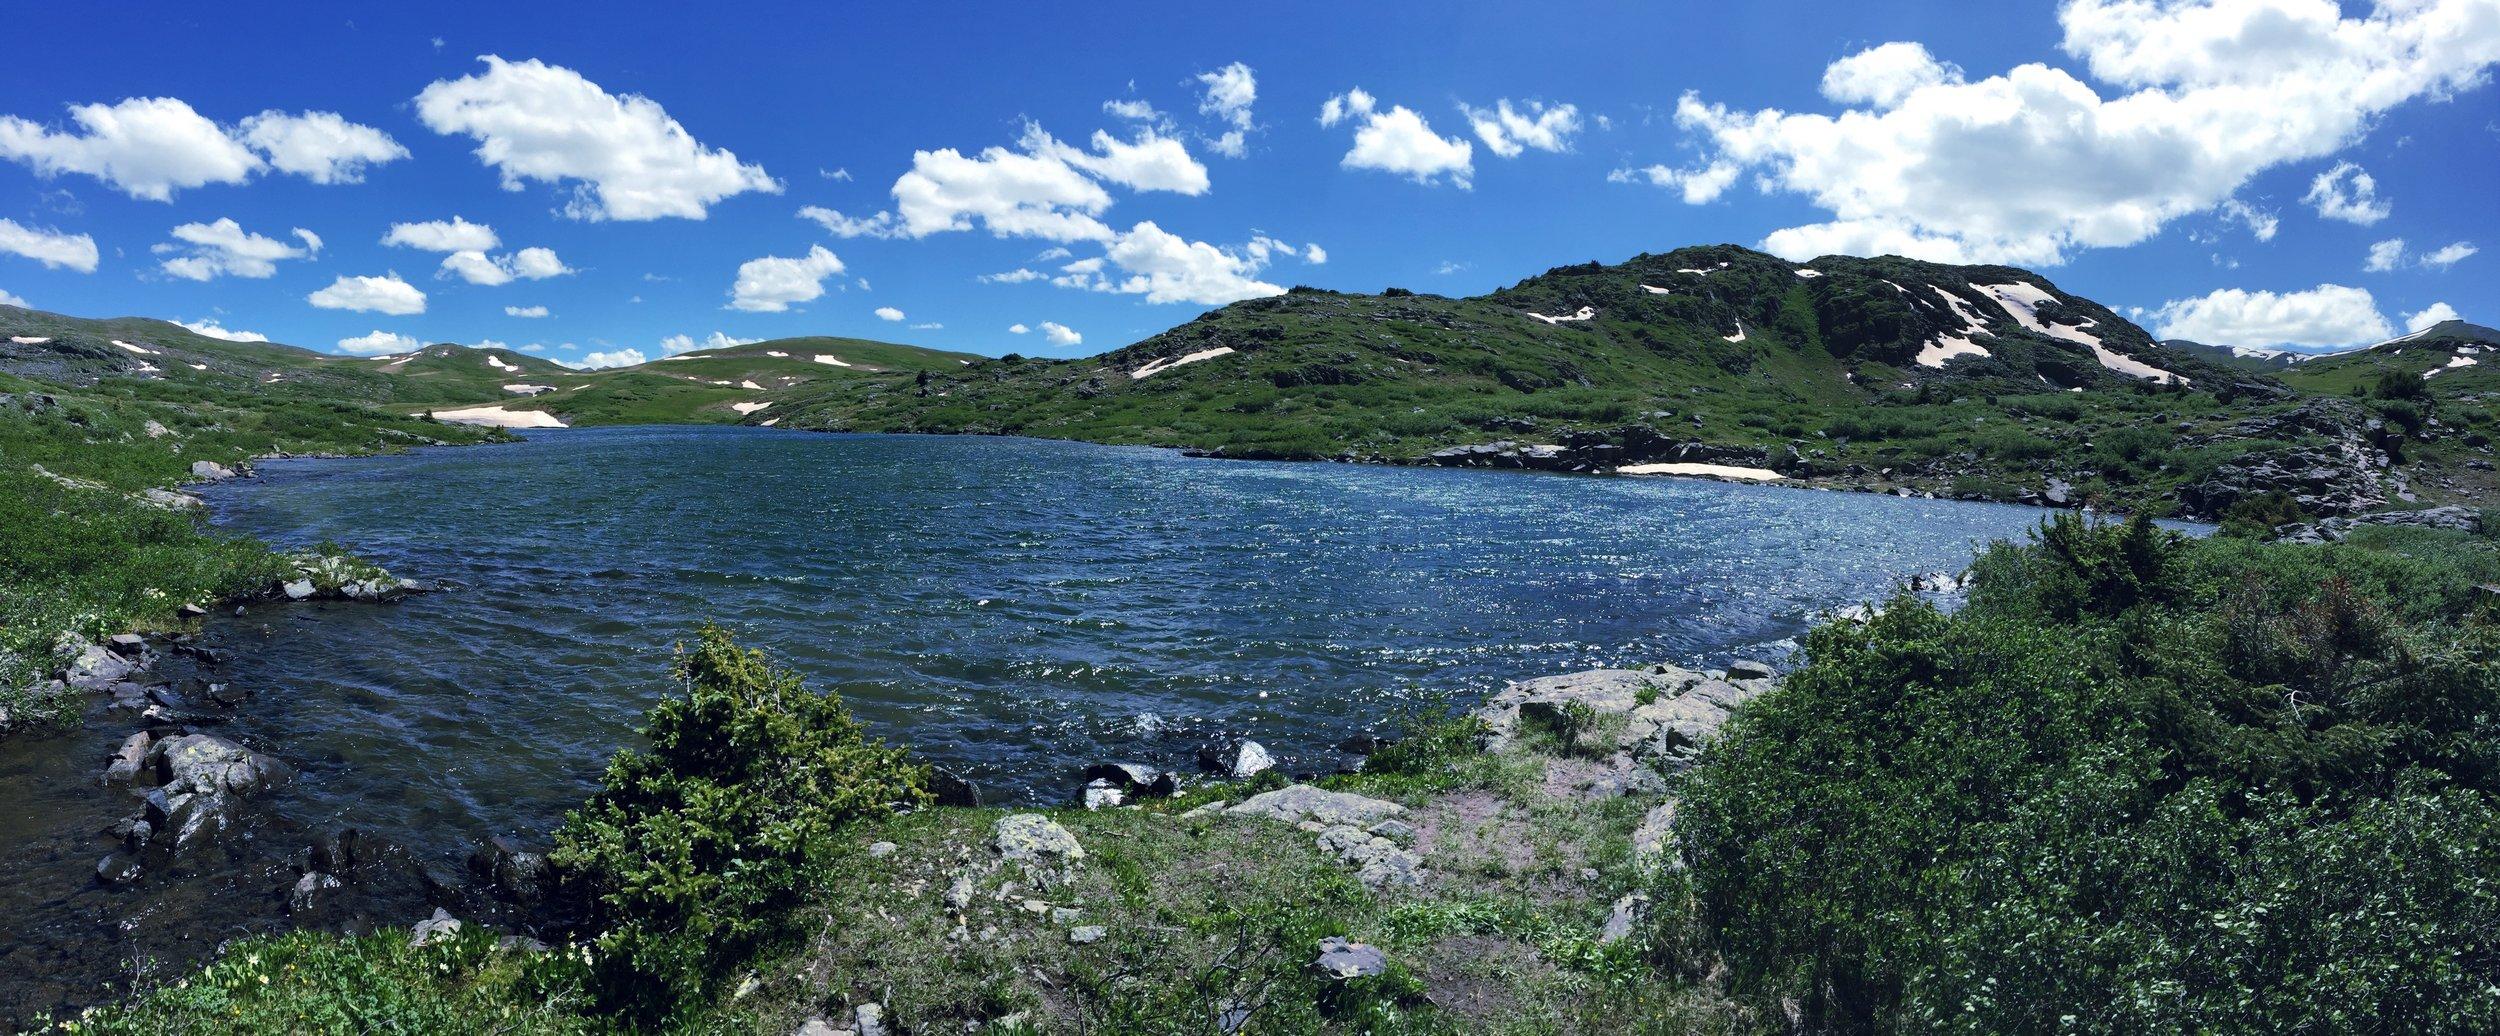 highland 5.jpg